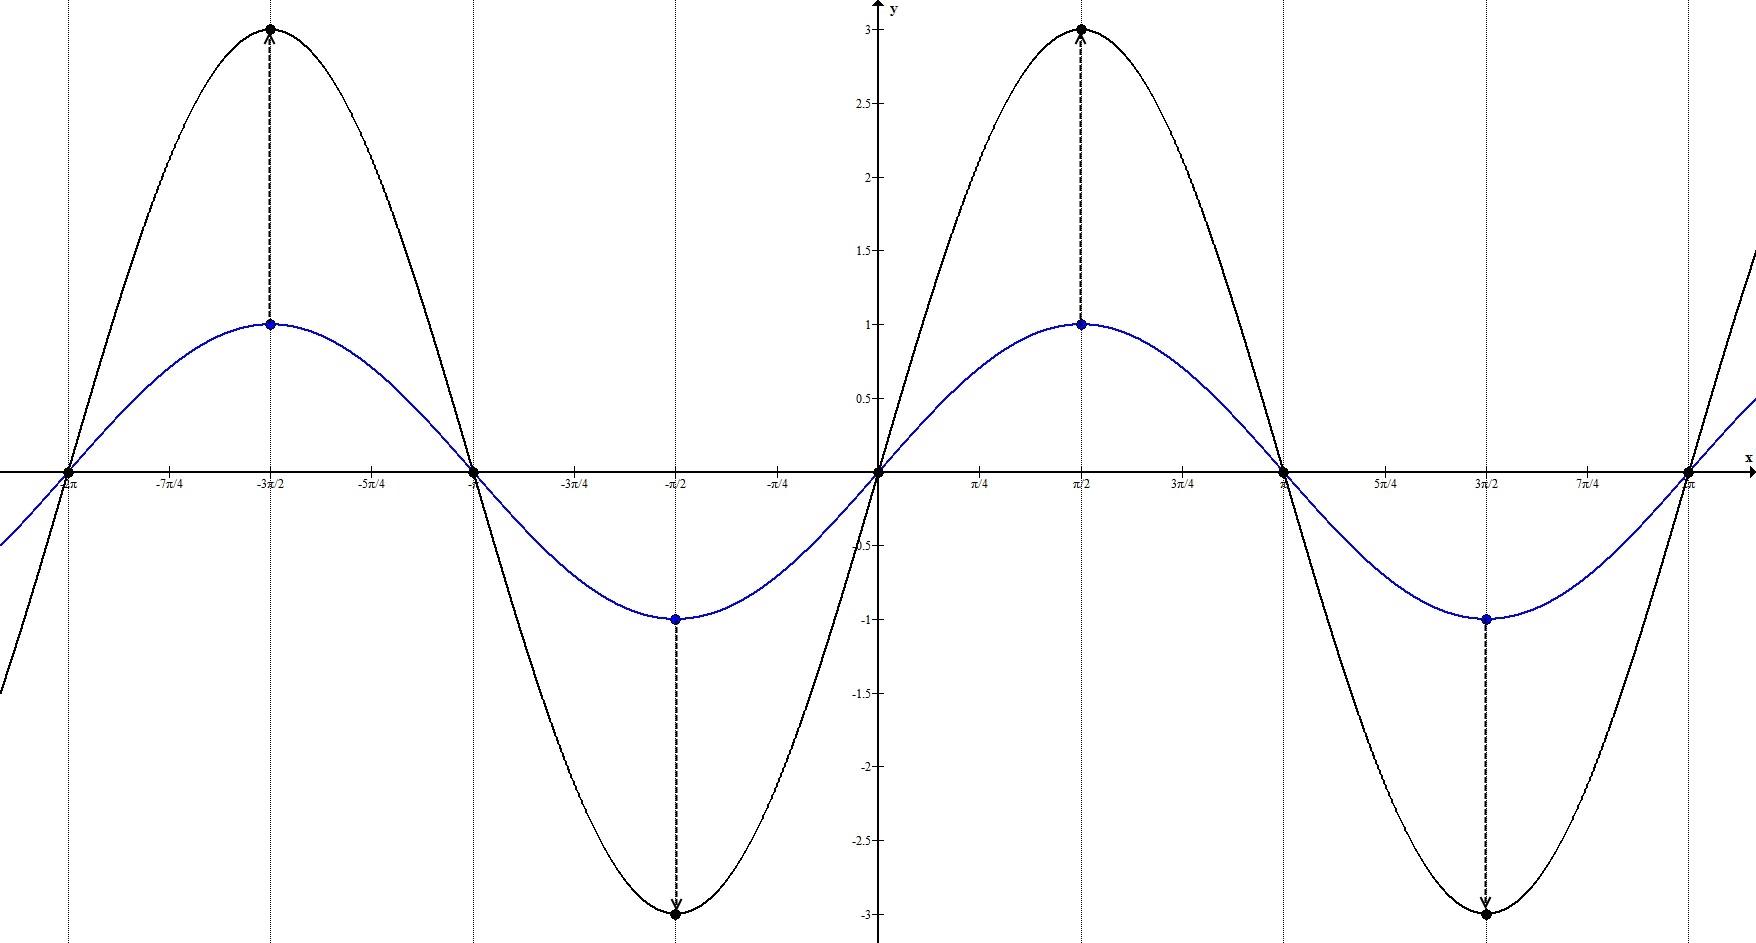 Геометрические преобразования. Растяжение по Оy. Пример 3.